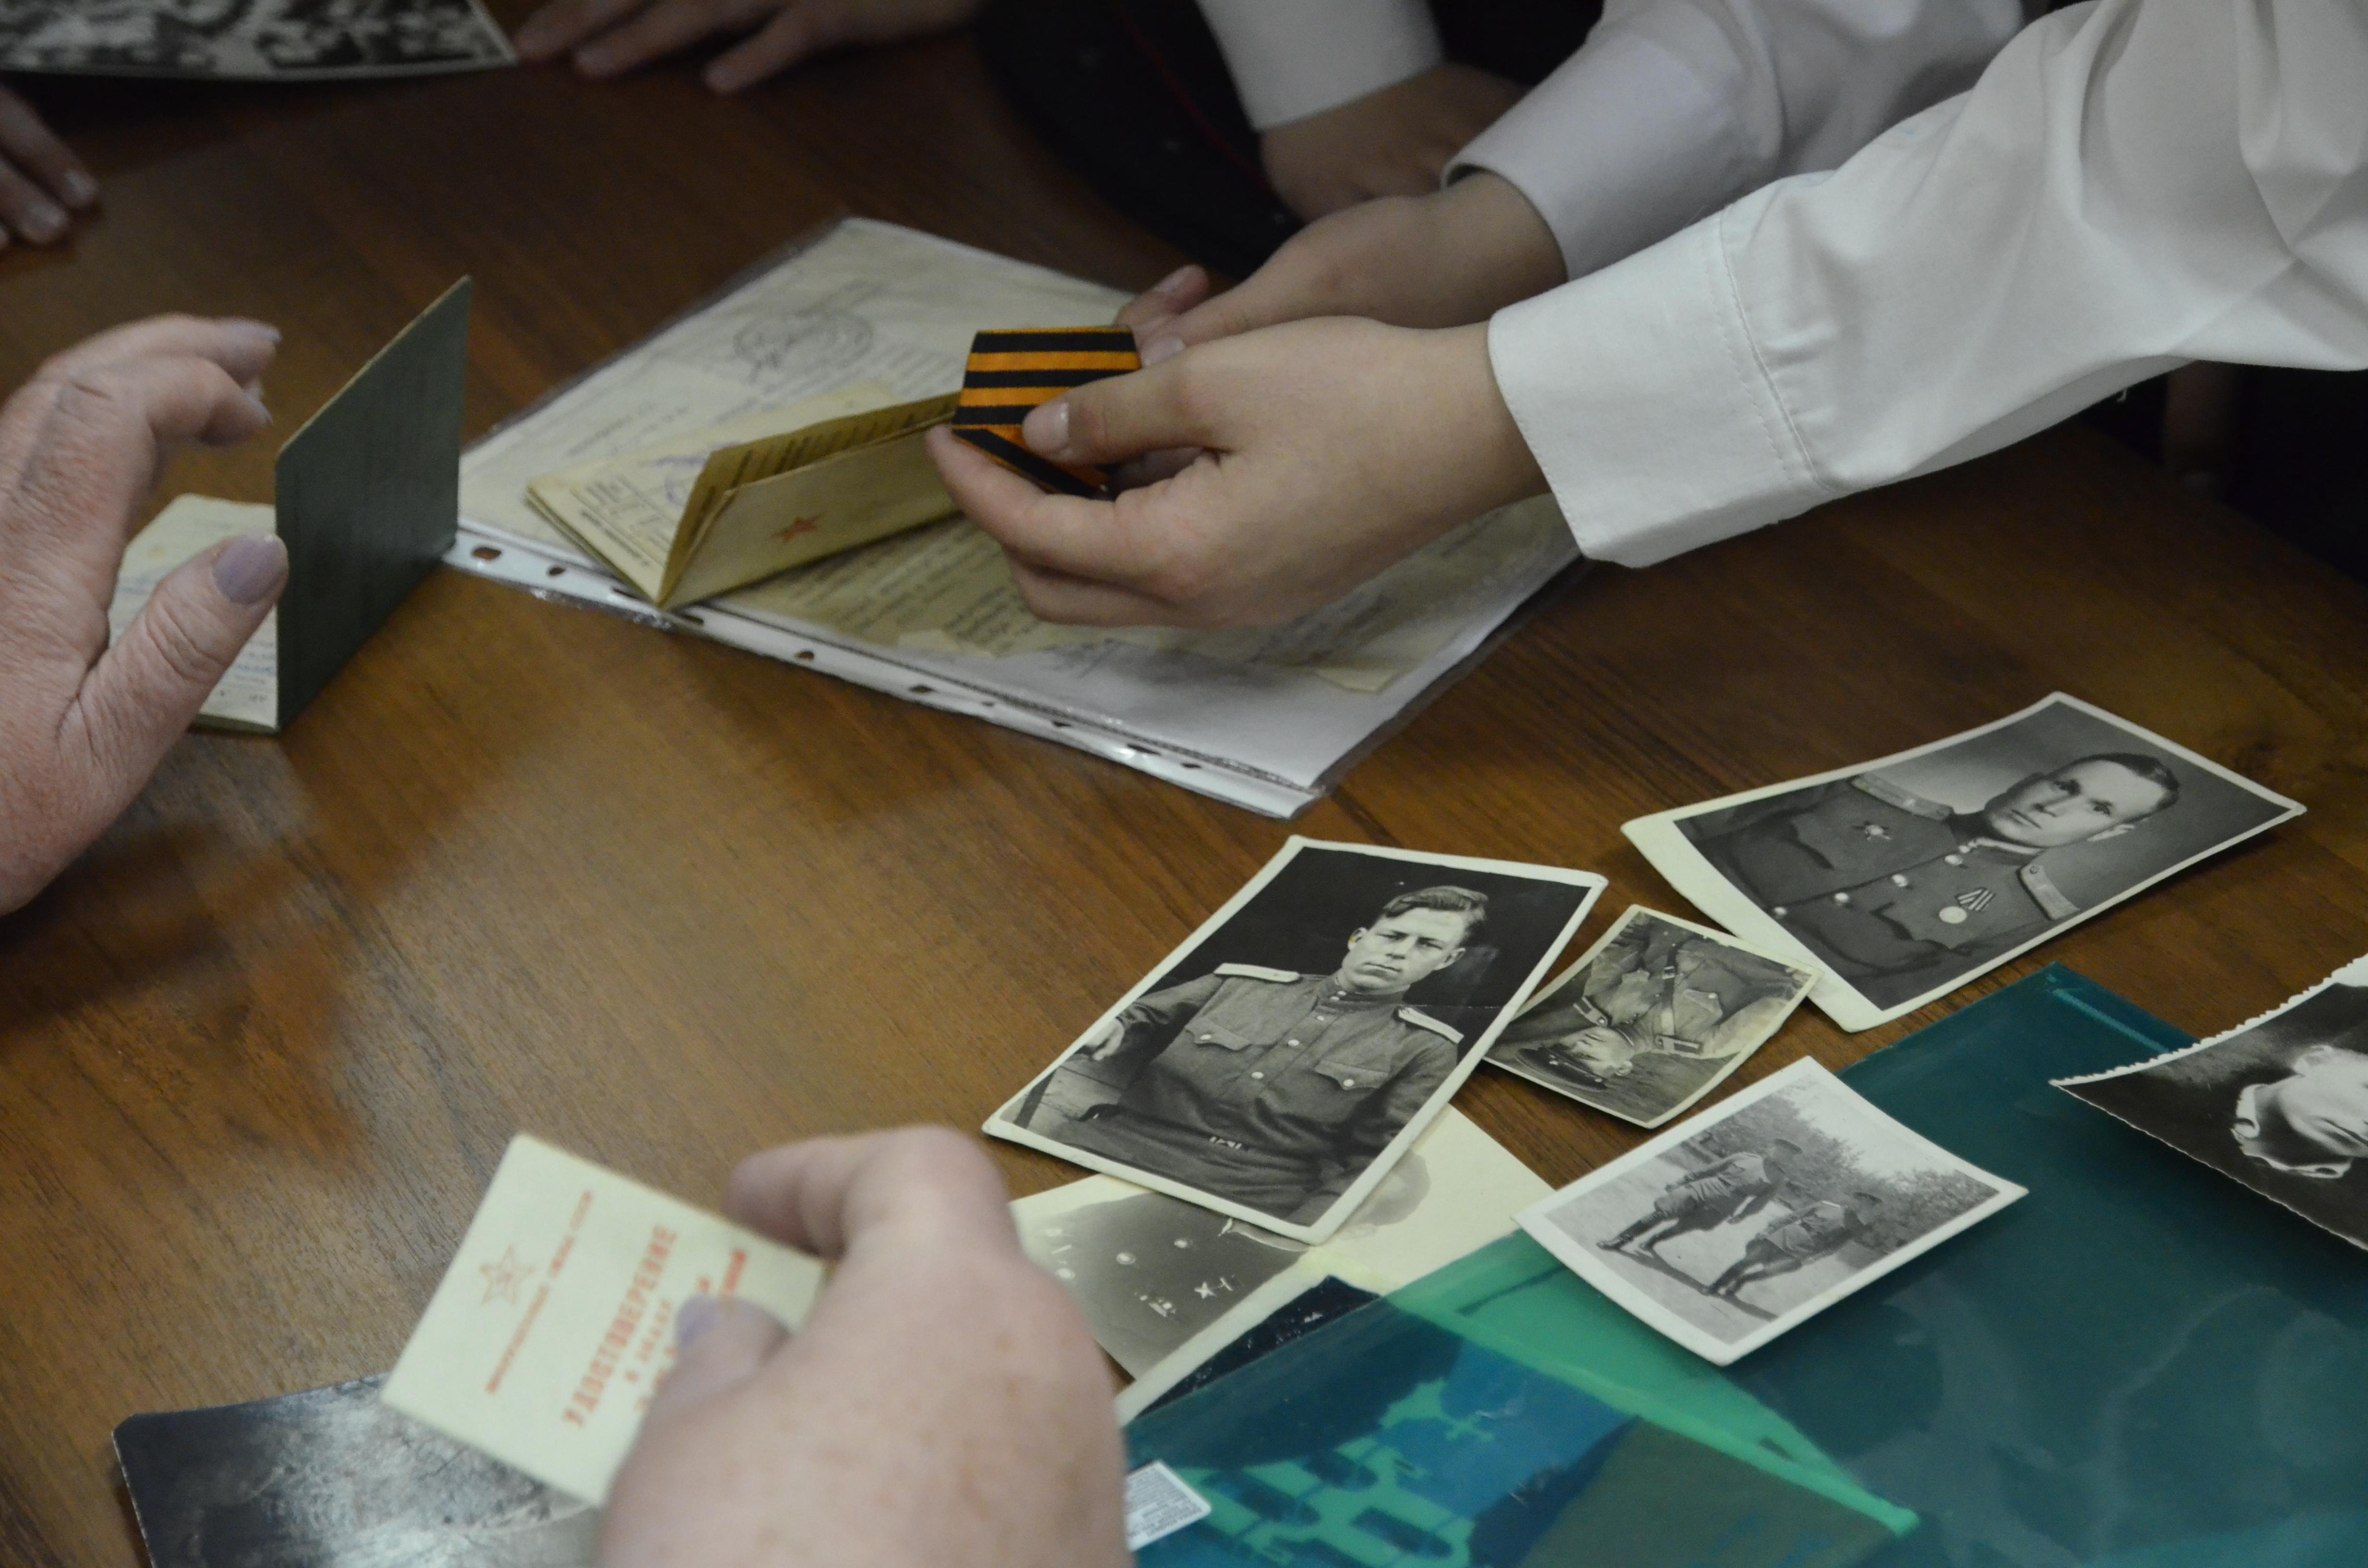 Видеоролик ко Дню воинской славы России подготовят в технологическом колледже №34